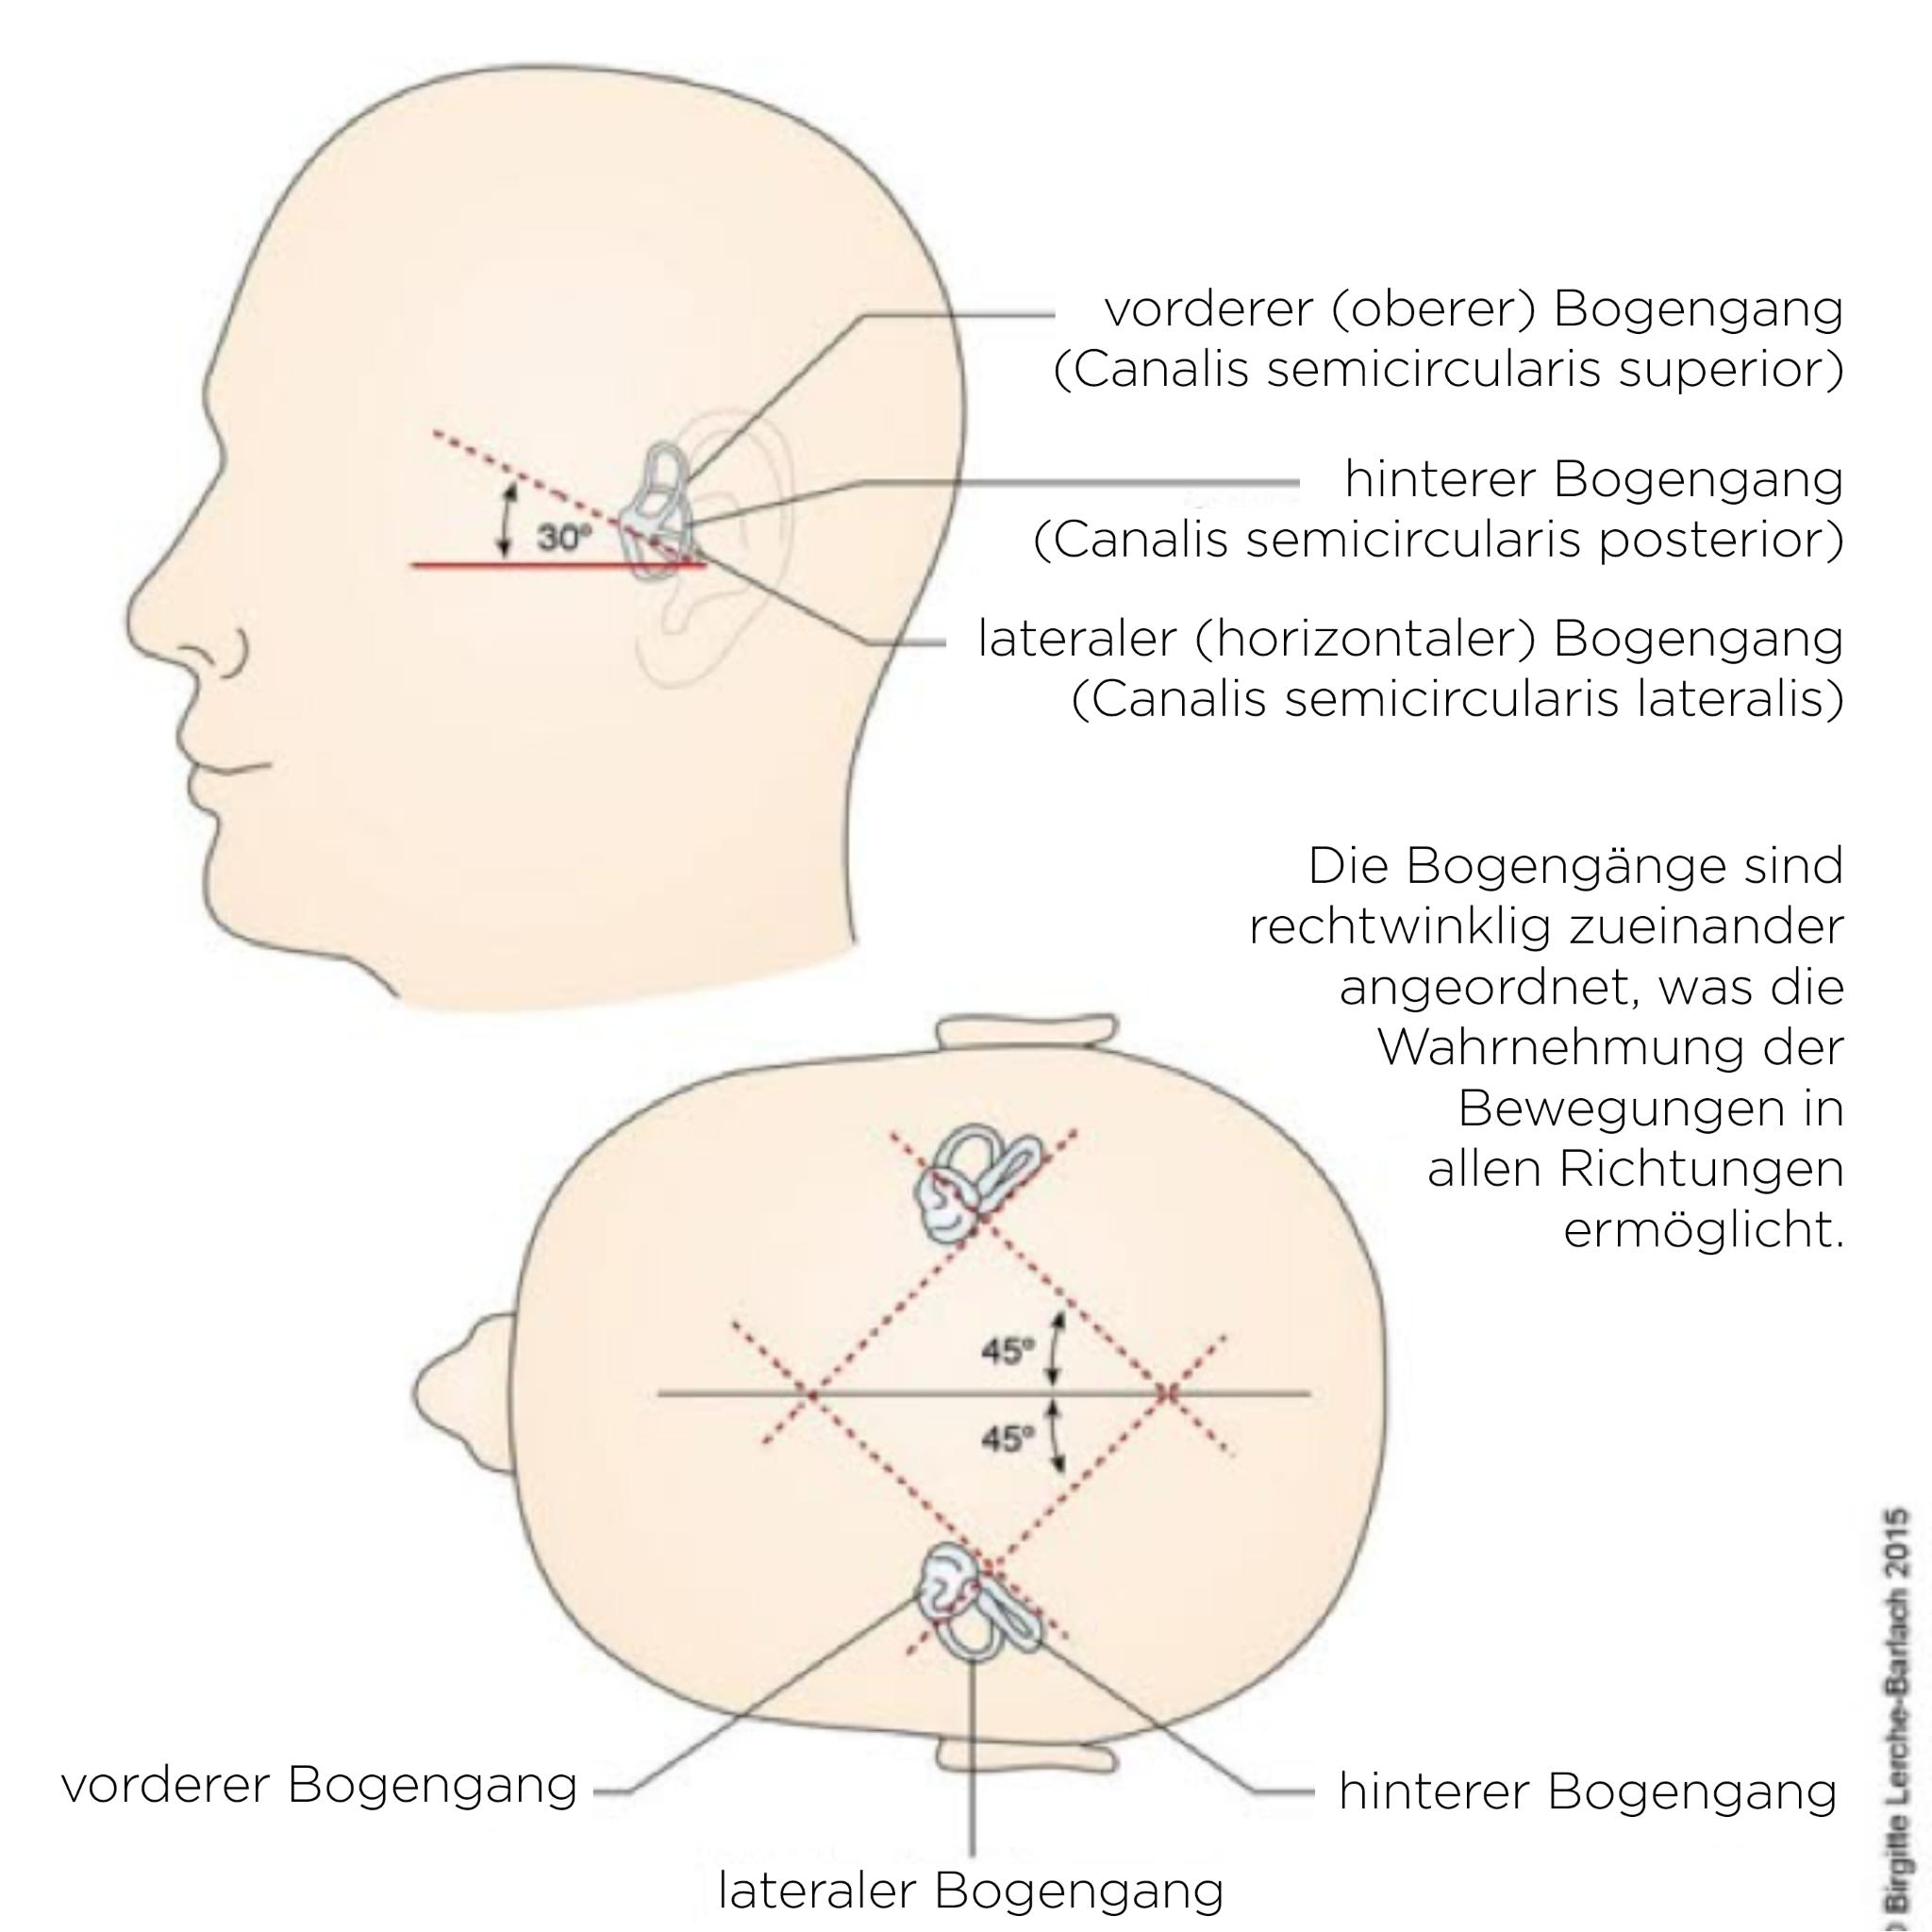 Abb_Bogengänge_34733.png